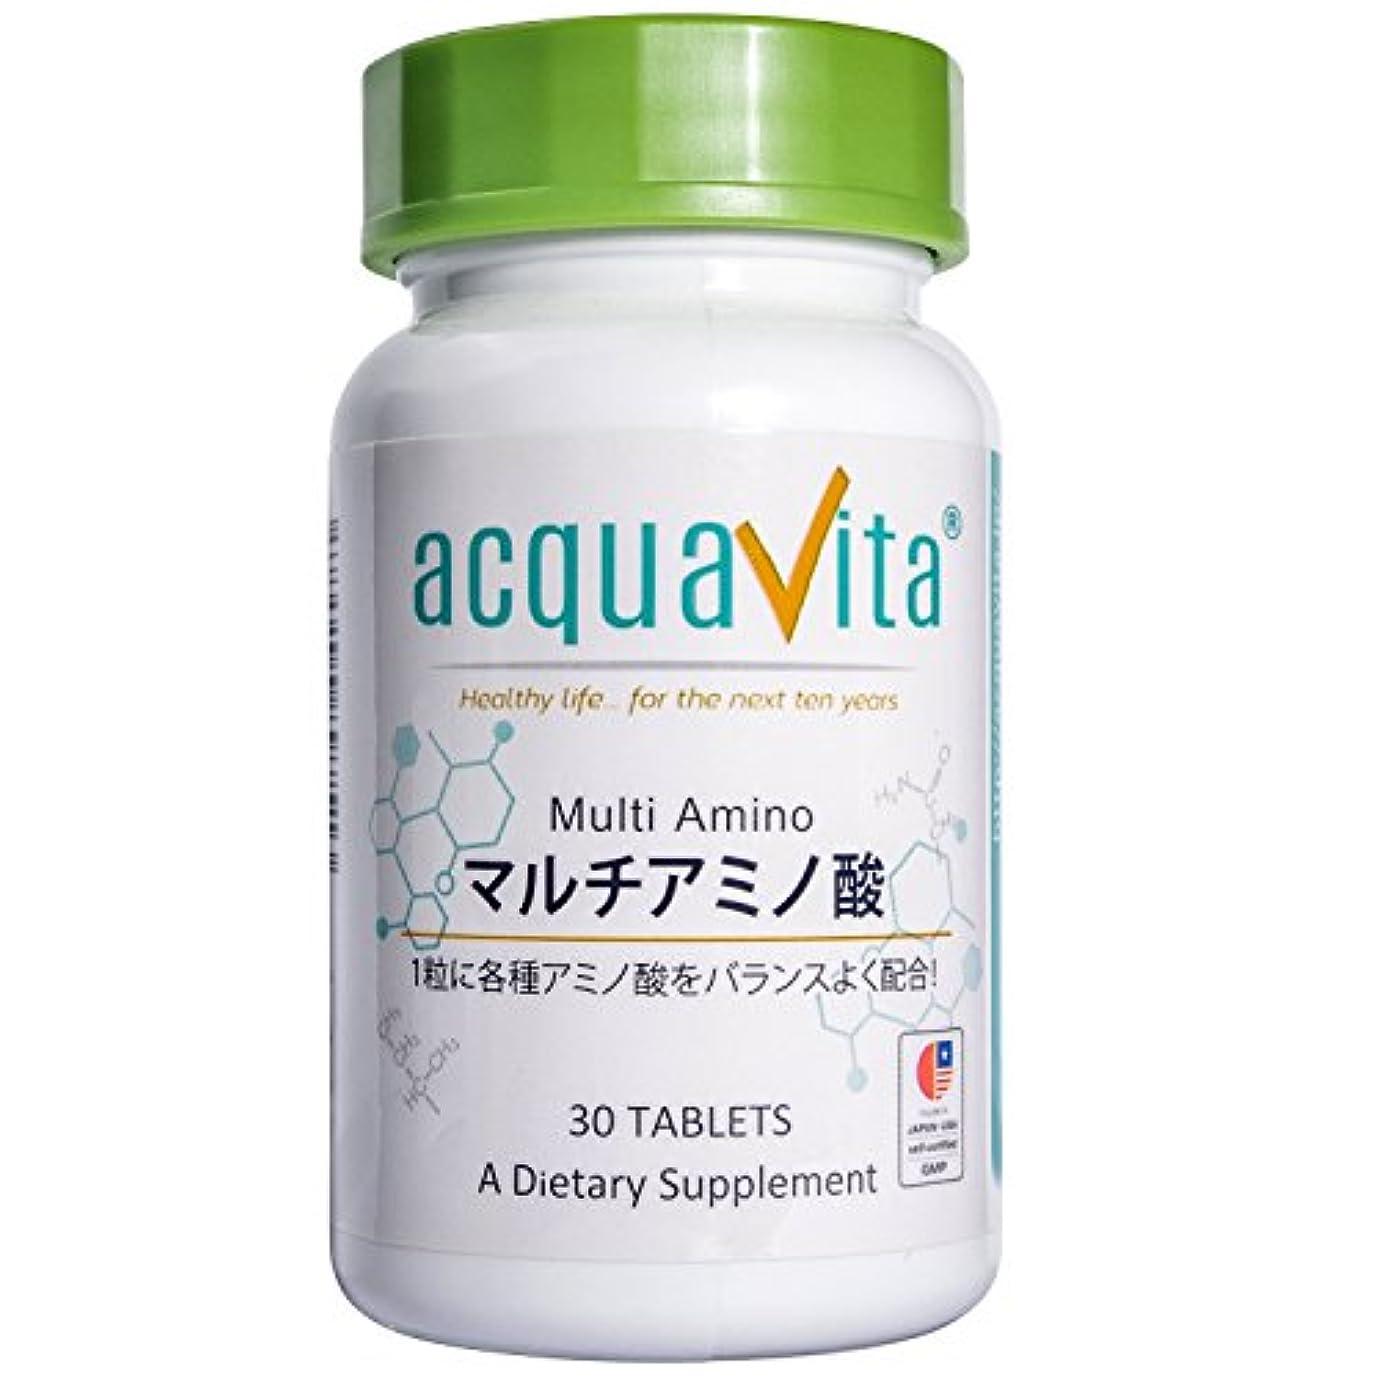 収束製油所継承acquavita(アクアヴィータ) マルチアミノ酸 30粒